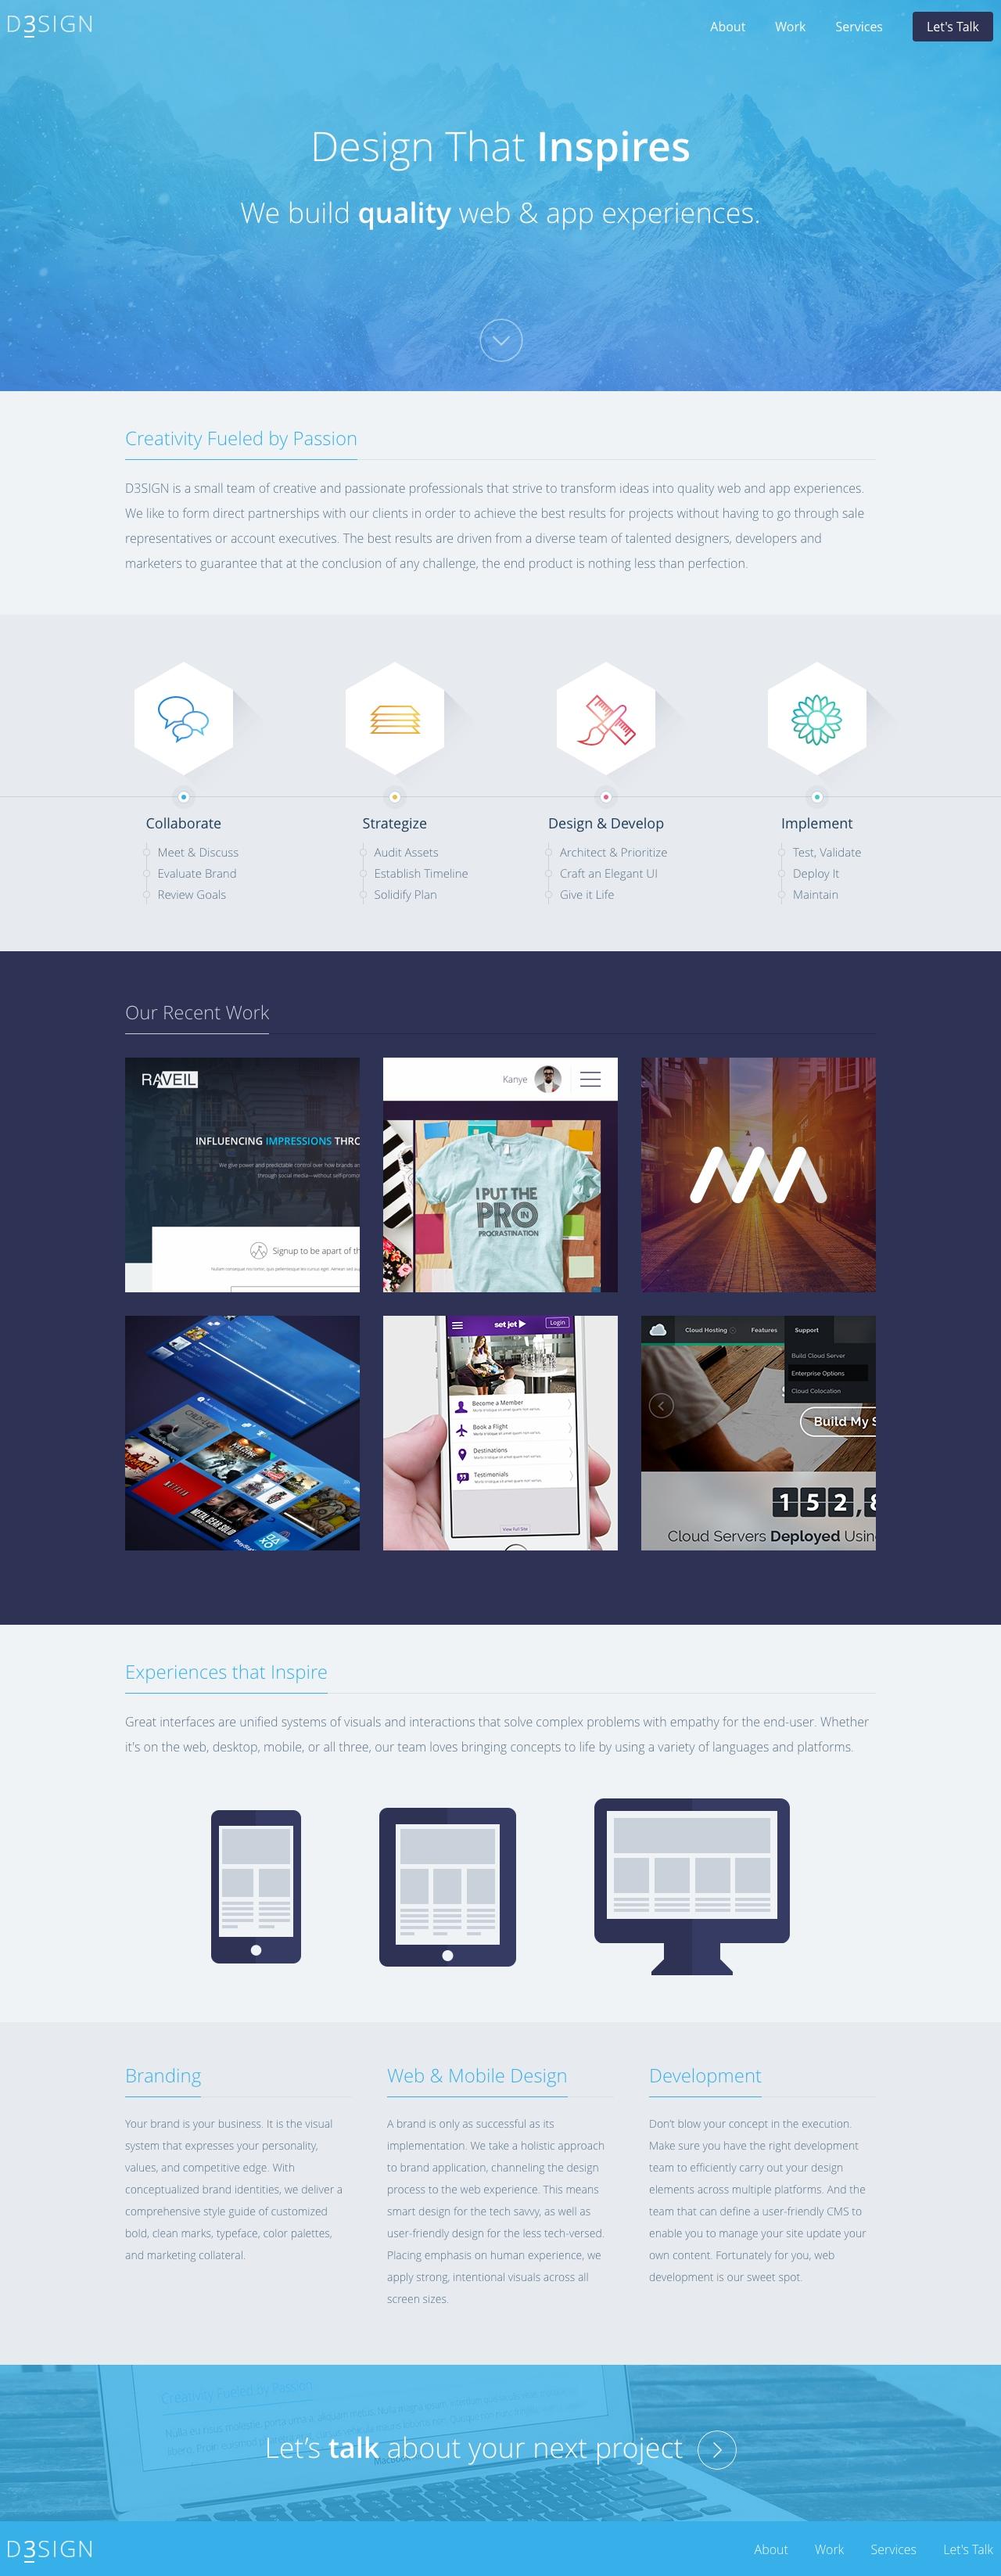 D3SIGN Website Screenshot